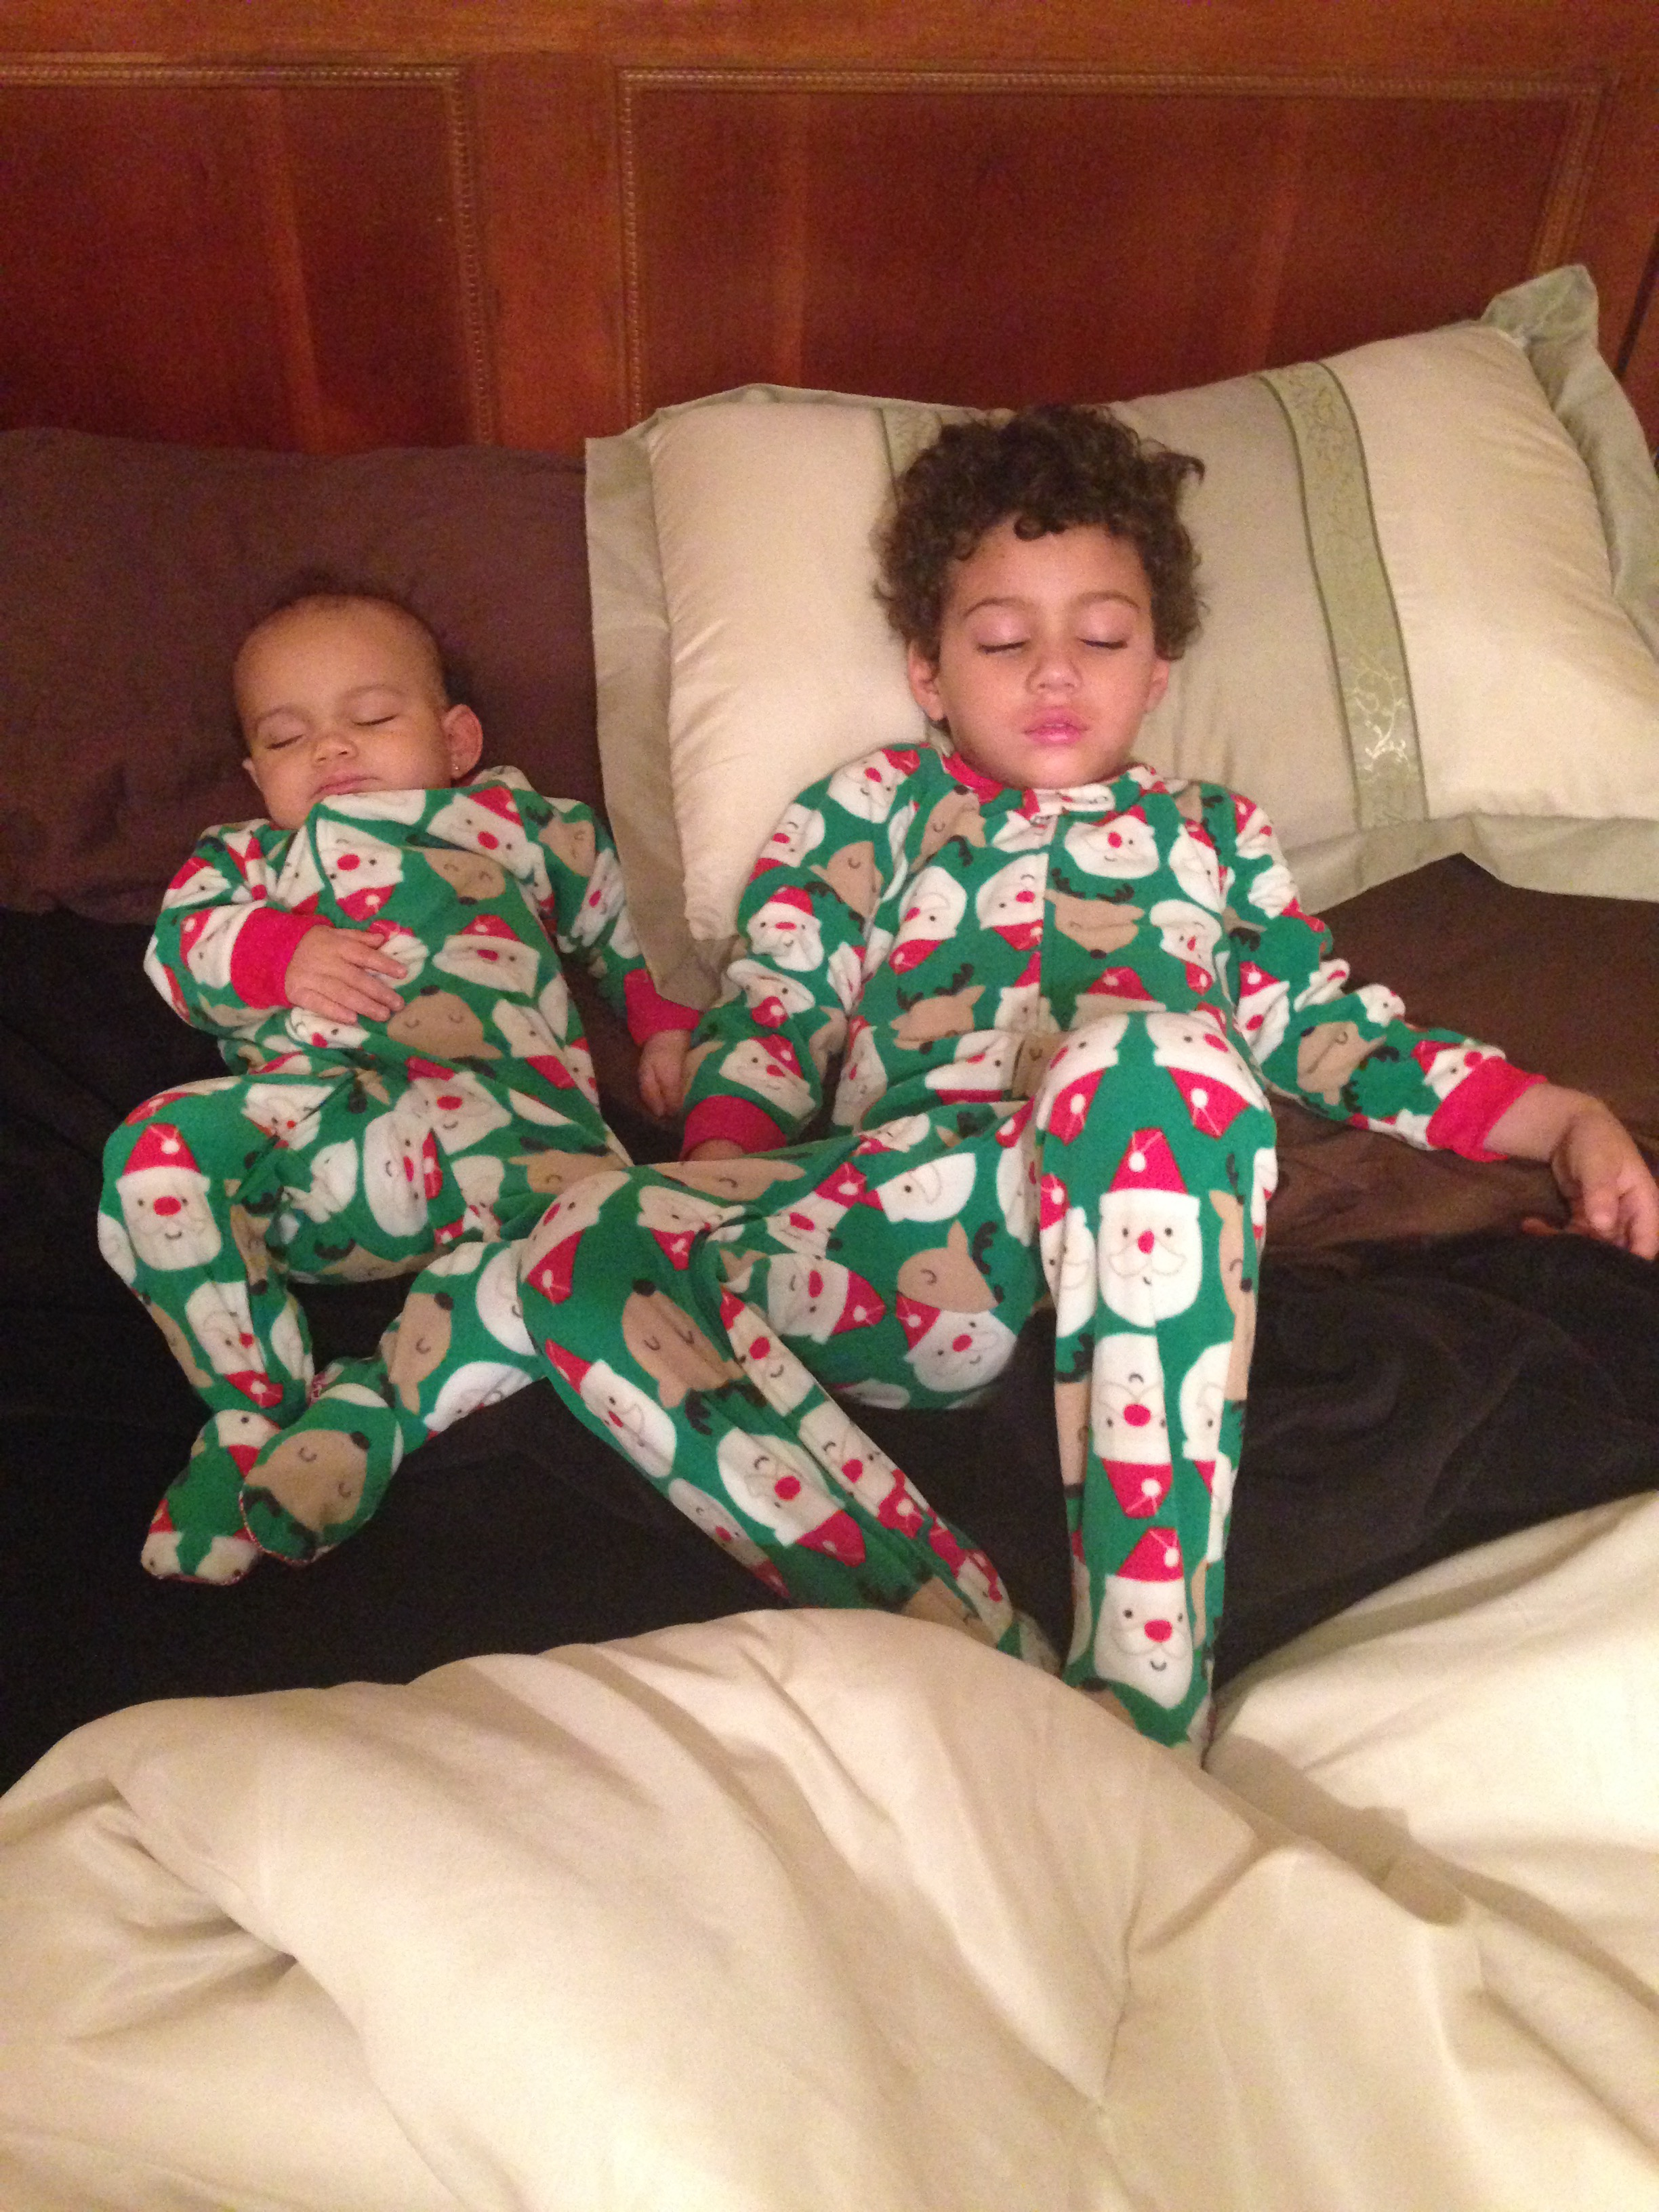 Pajamas photos and sleeping photos are both wins.   #familyphotos #familyphotoideas #sleepingphotos #familyphotoshoot #kidsphotoideas